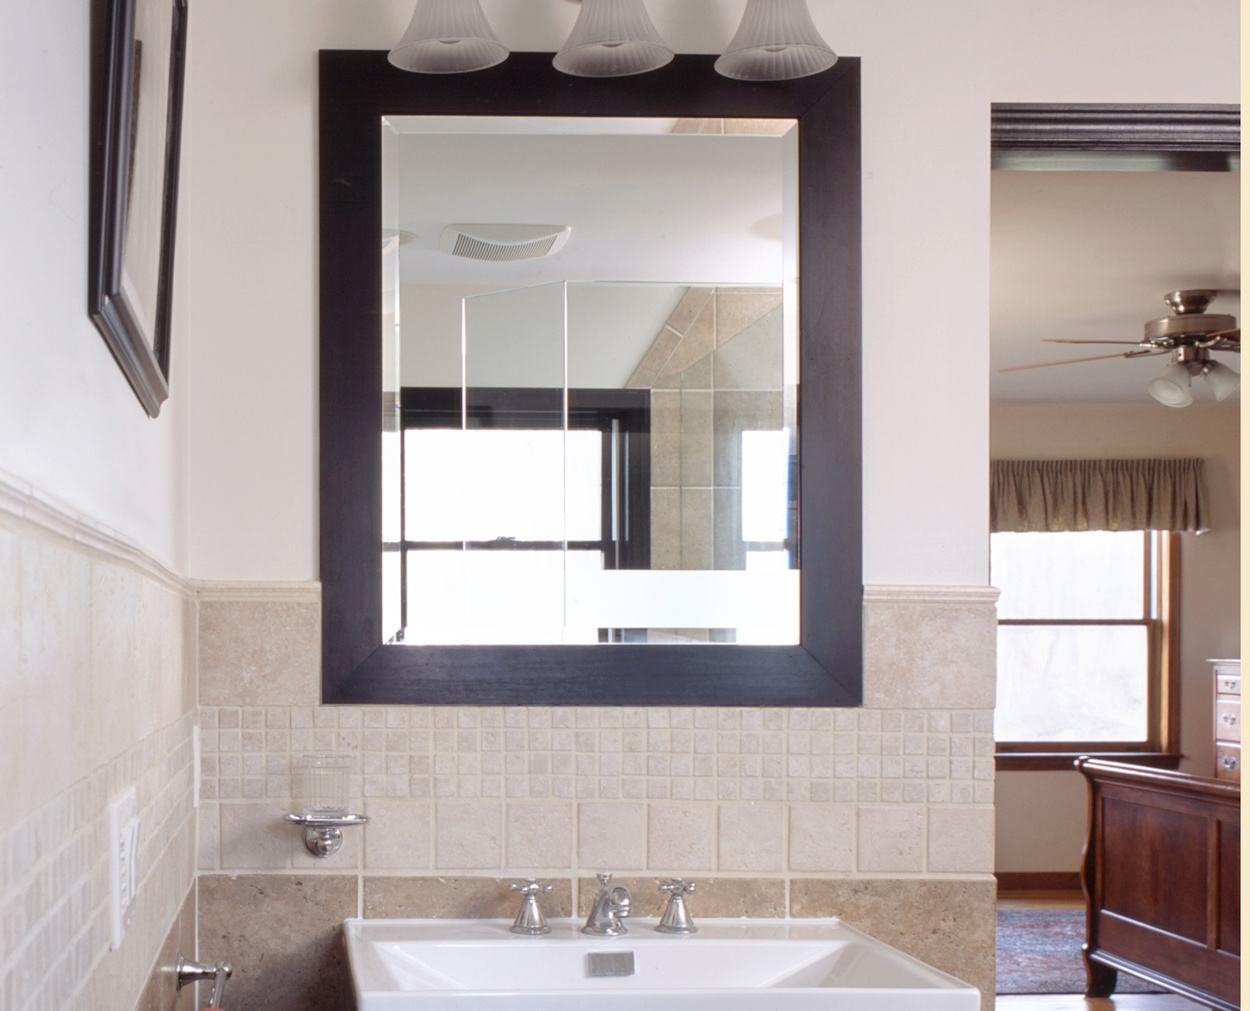 single vanity to the left of the door in master bedroom suite remodel.